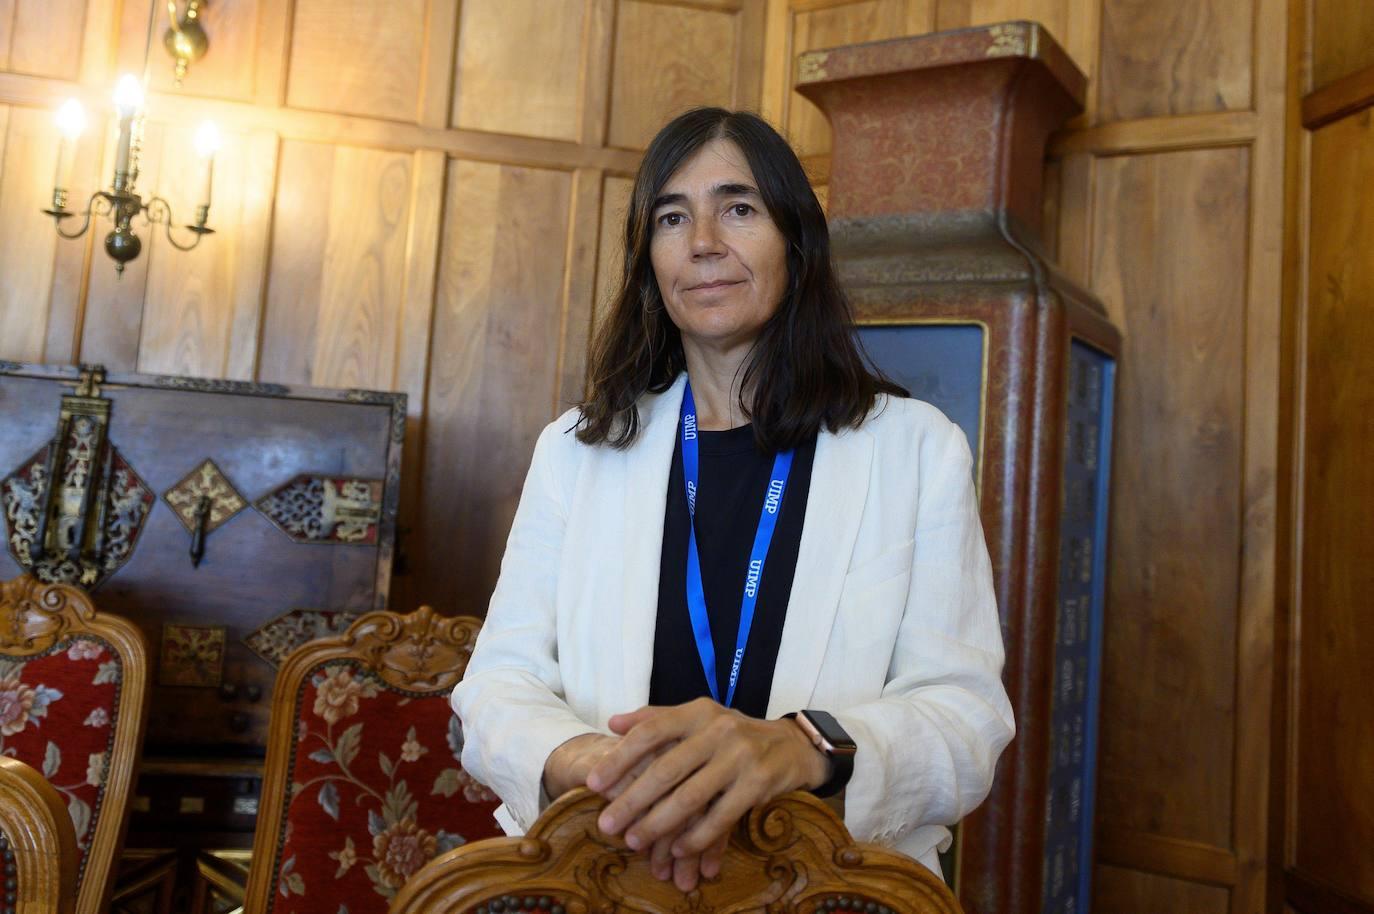 María Blasco inaugurará el curso de la UR el 4 de octubre